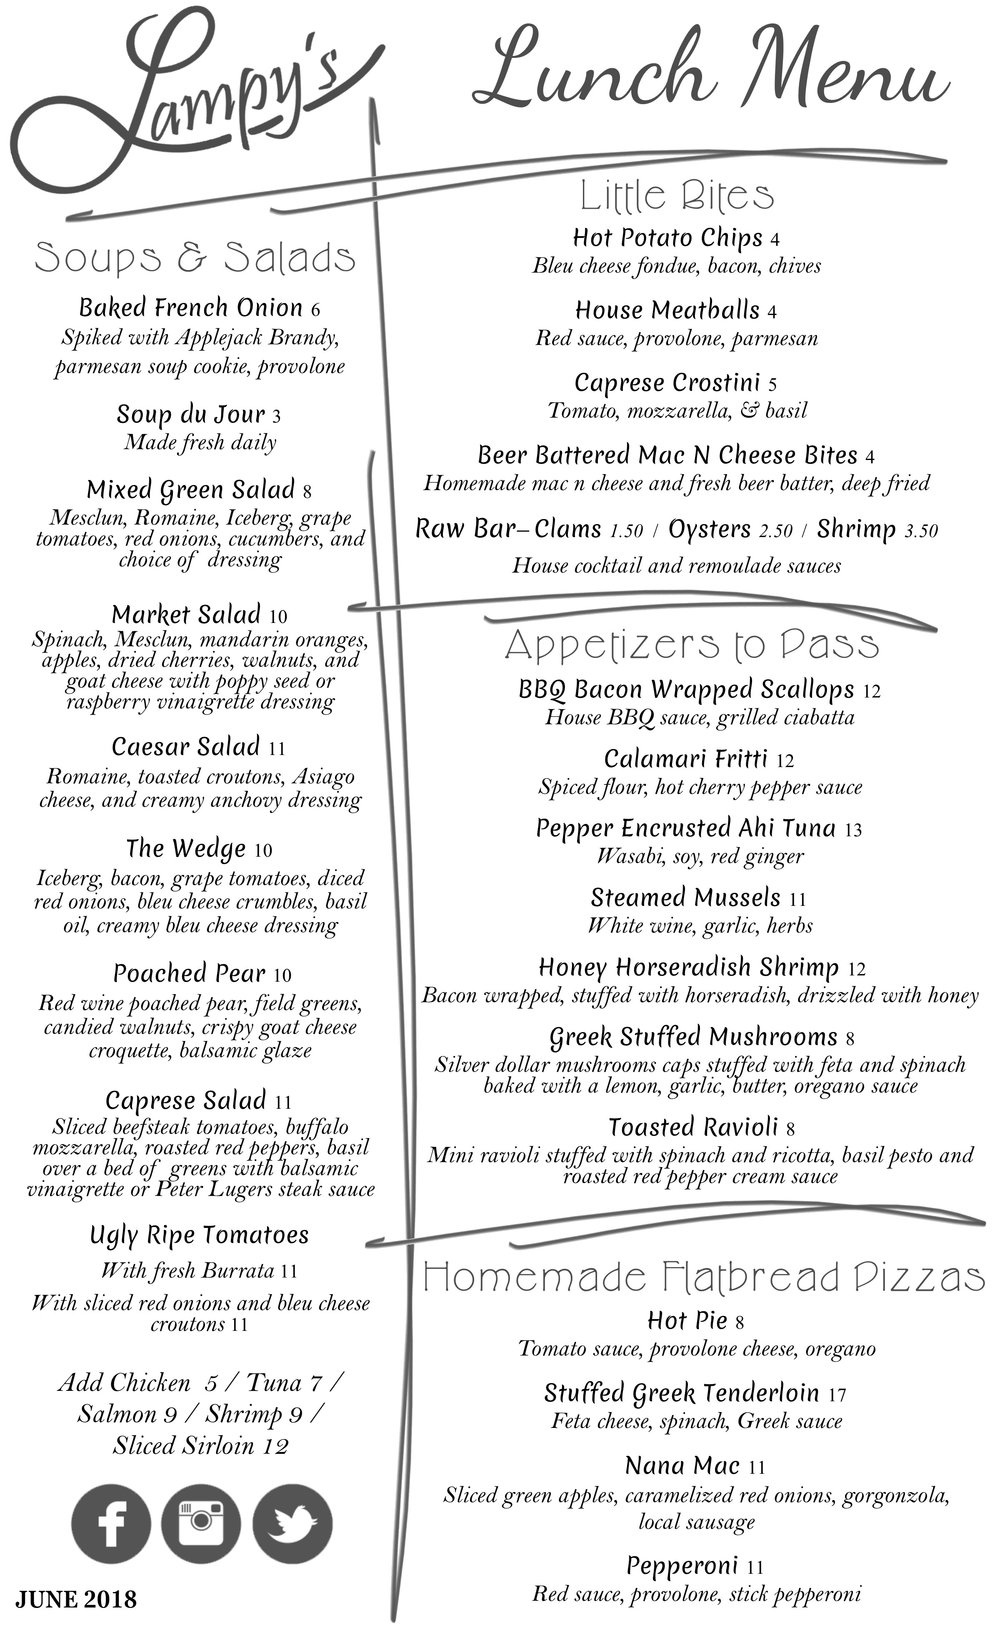 Lampys lunch menu Summer 2018 pg1.jpg